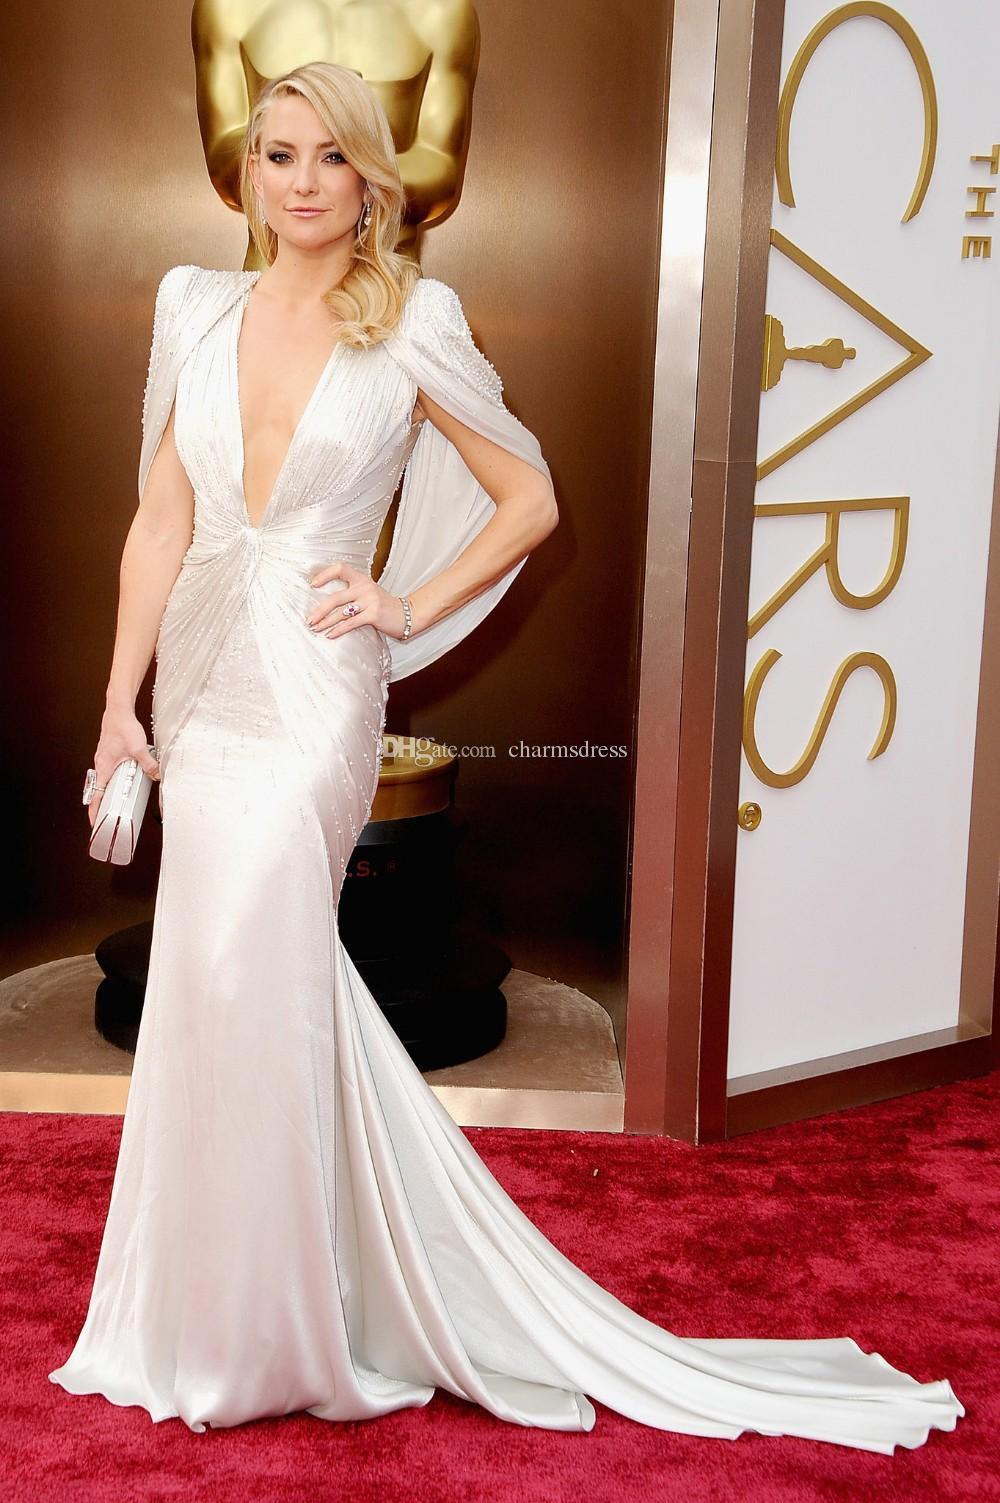 Kate Hudson White Deep scollo a V sirena backless in rilievo abiti da ballo lunghi abiti da festa abiti da red carpet abiti da sera 2015 Designer